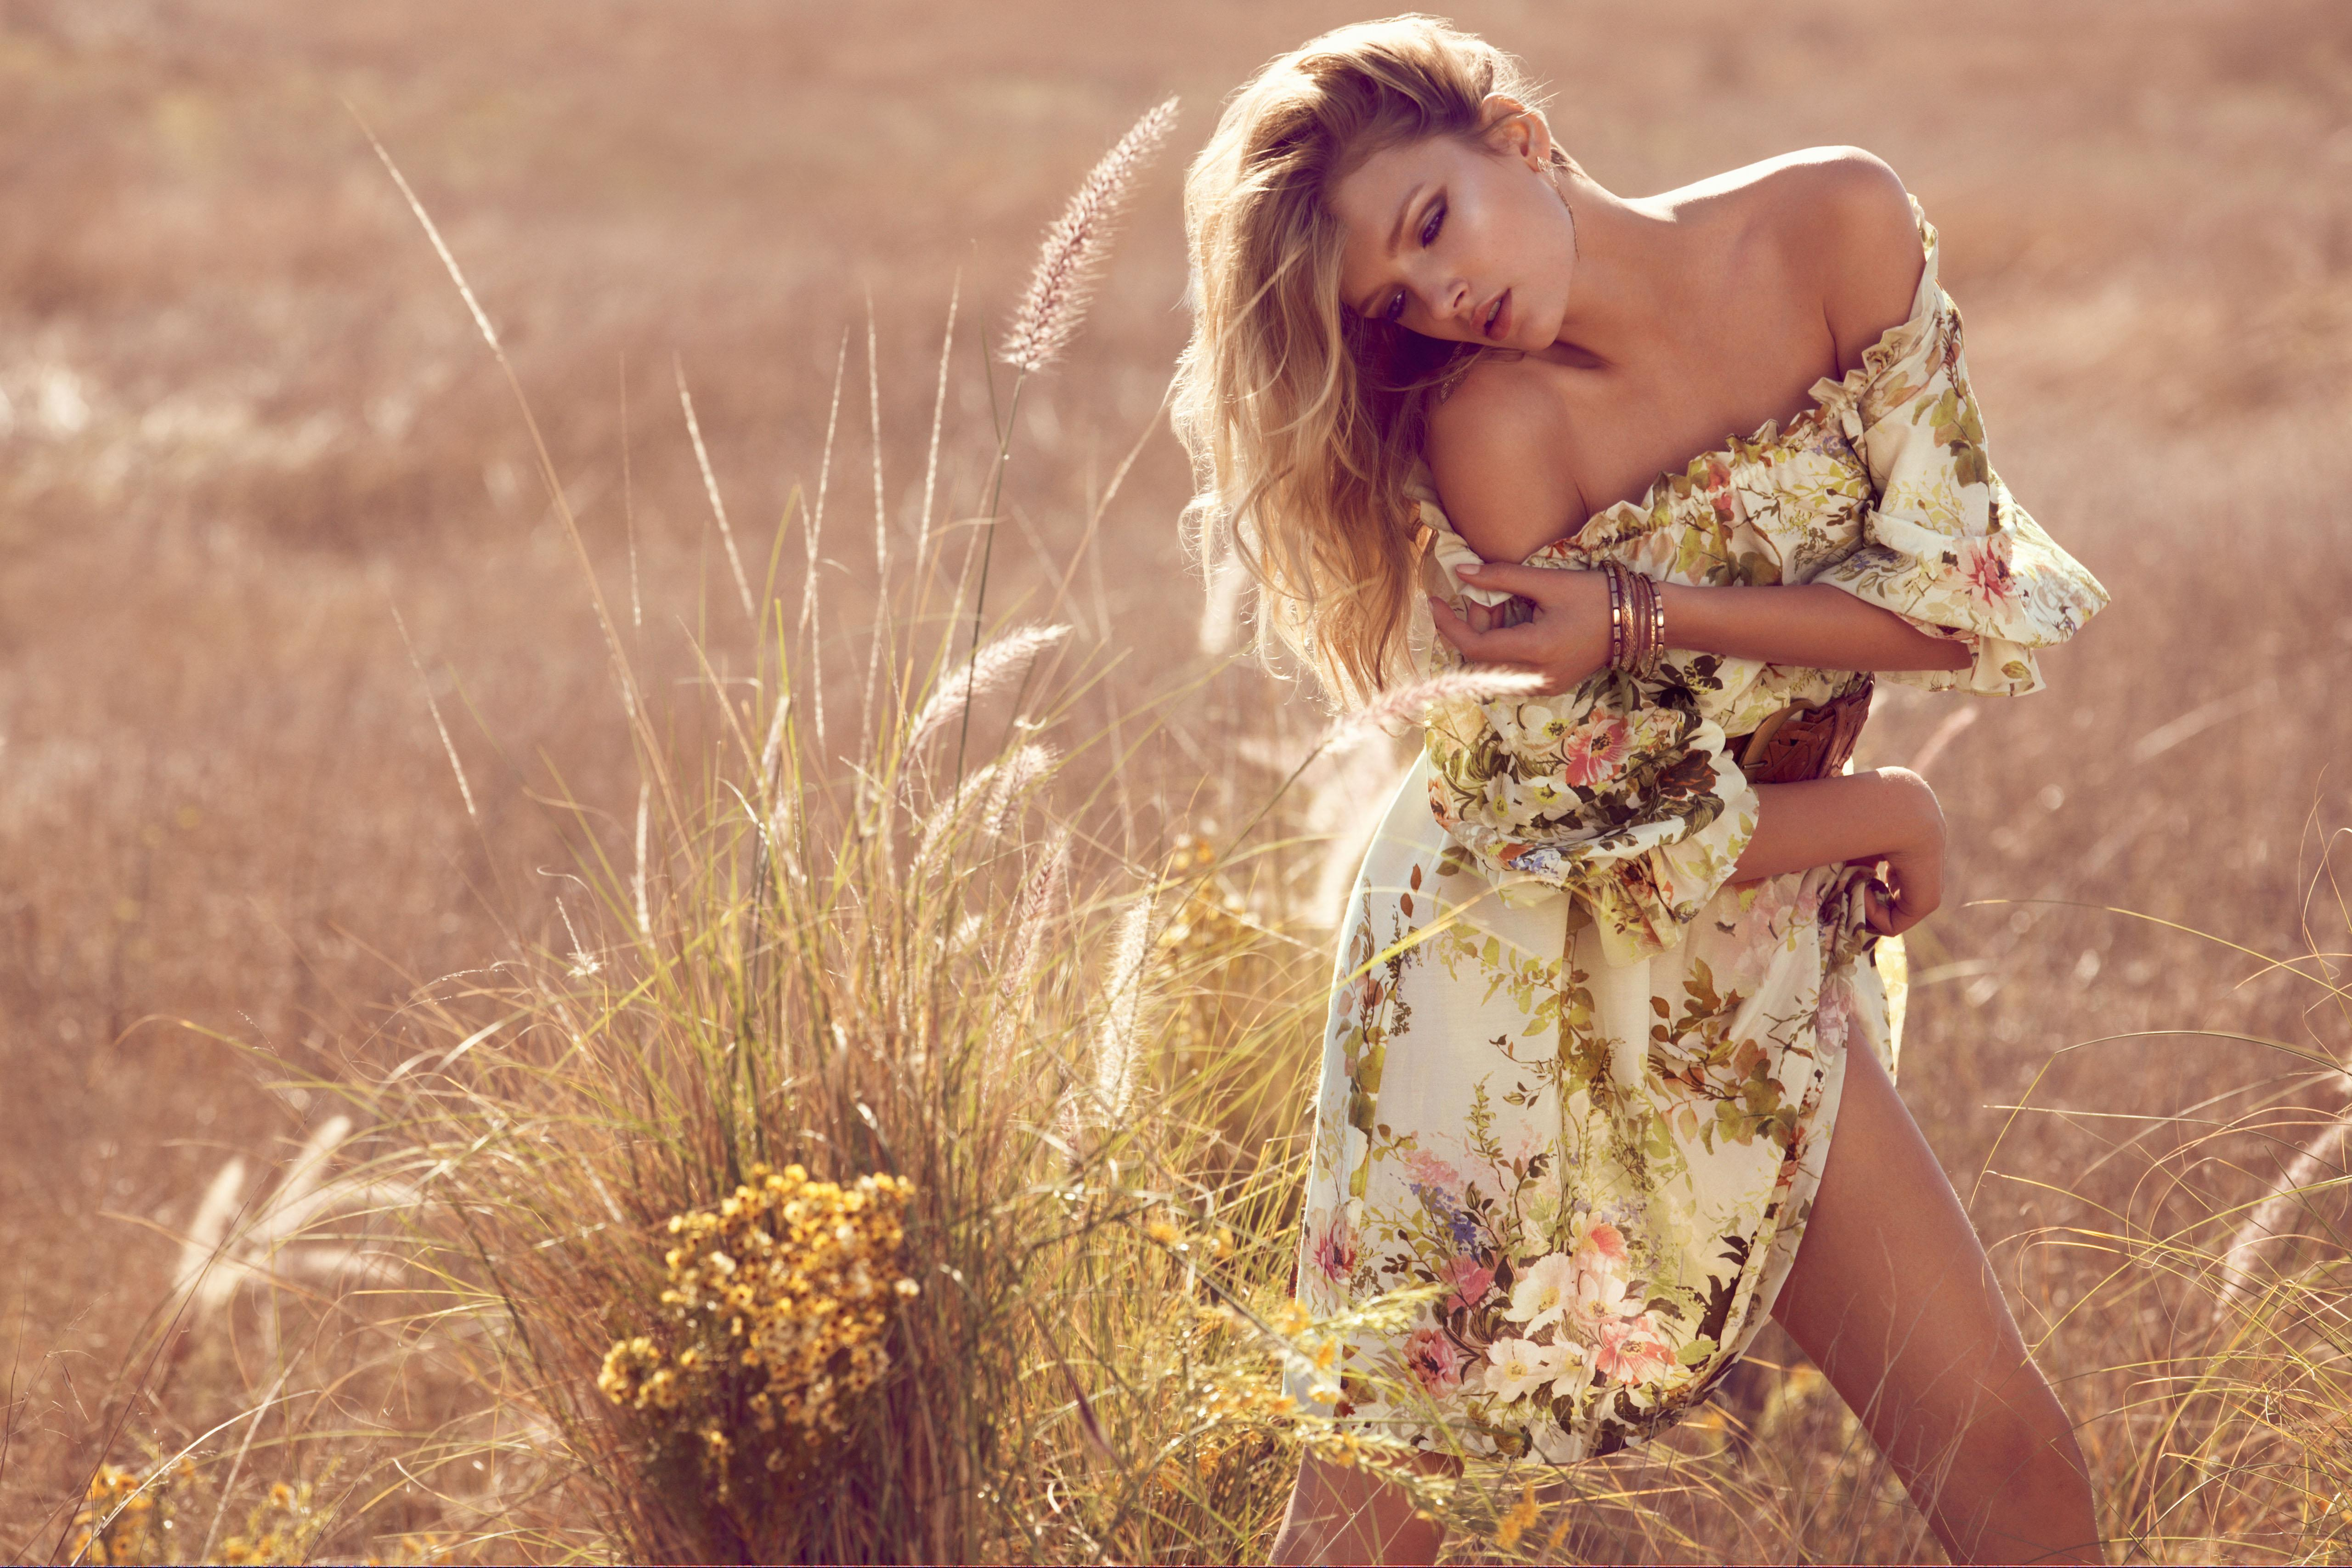 Природа девушки фото 4 фотография